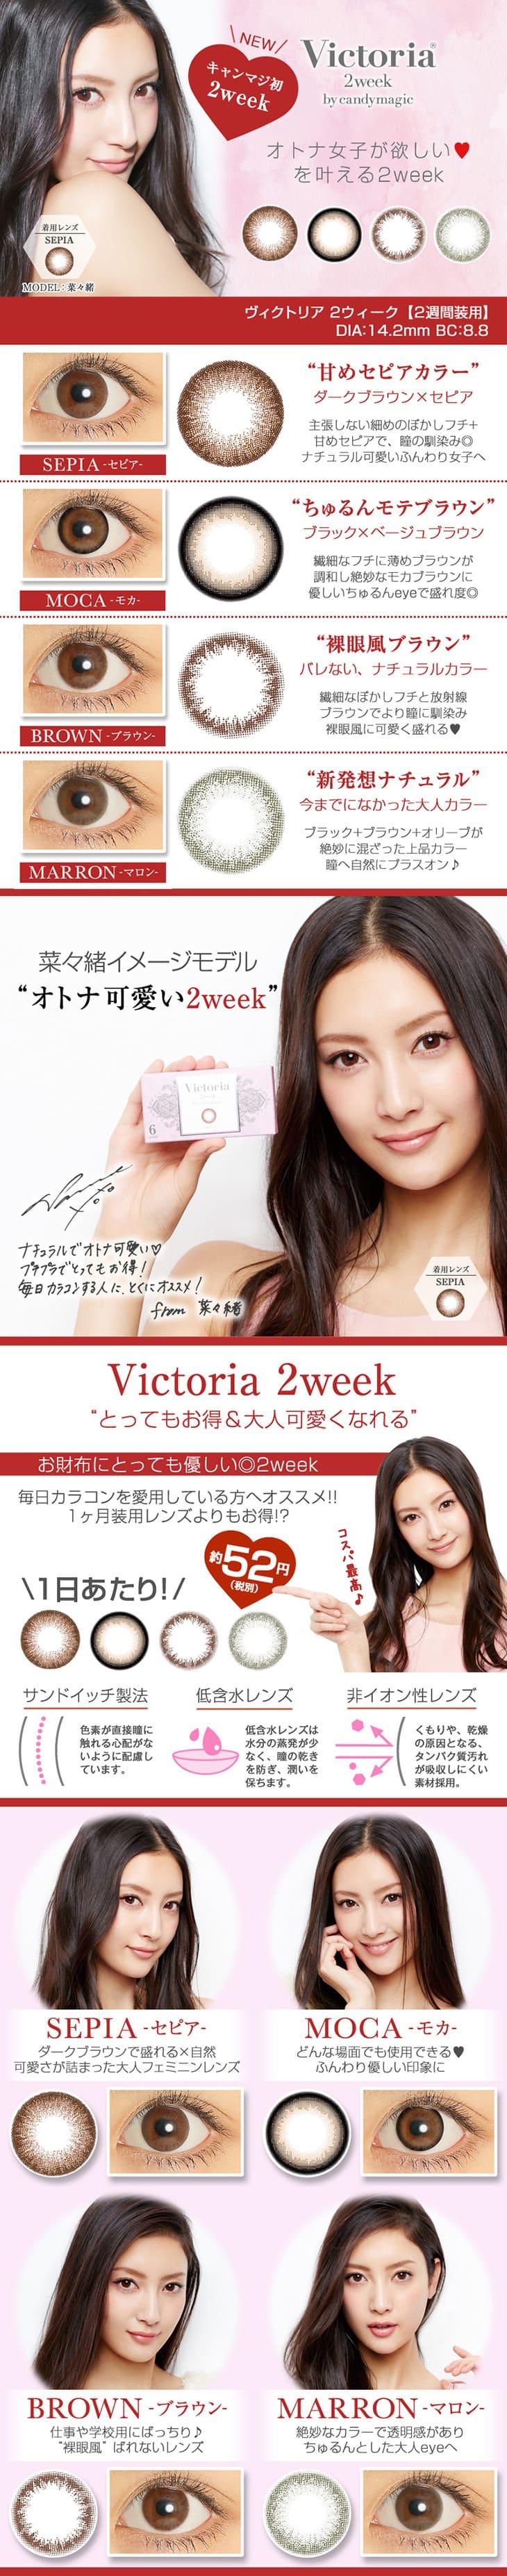 ヴィクトリア2week全4カラー | 菜々緒さんイメージモデル